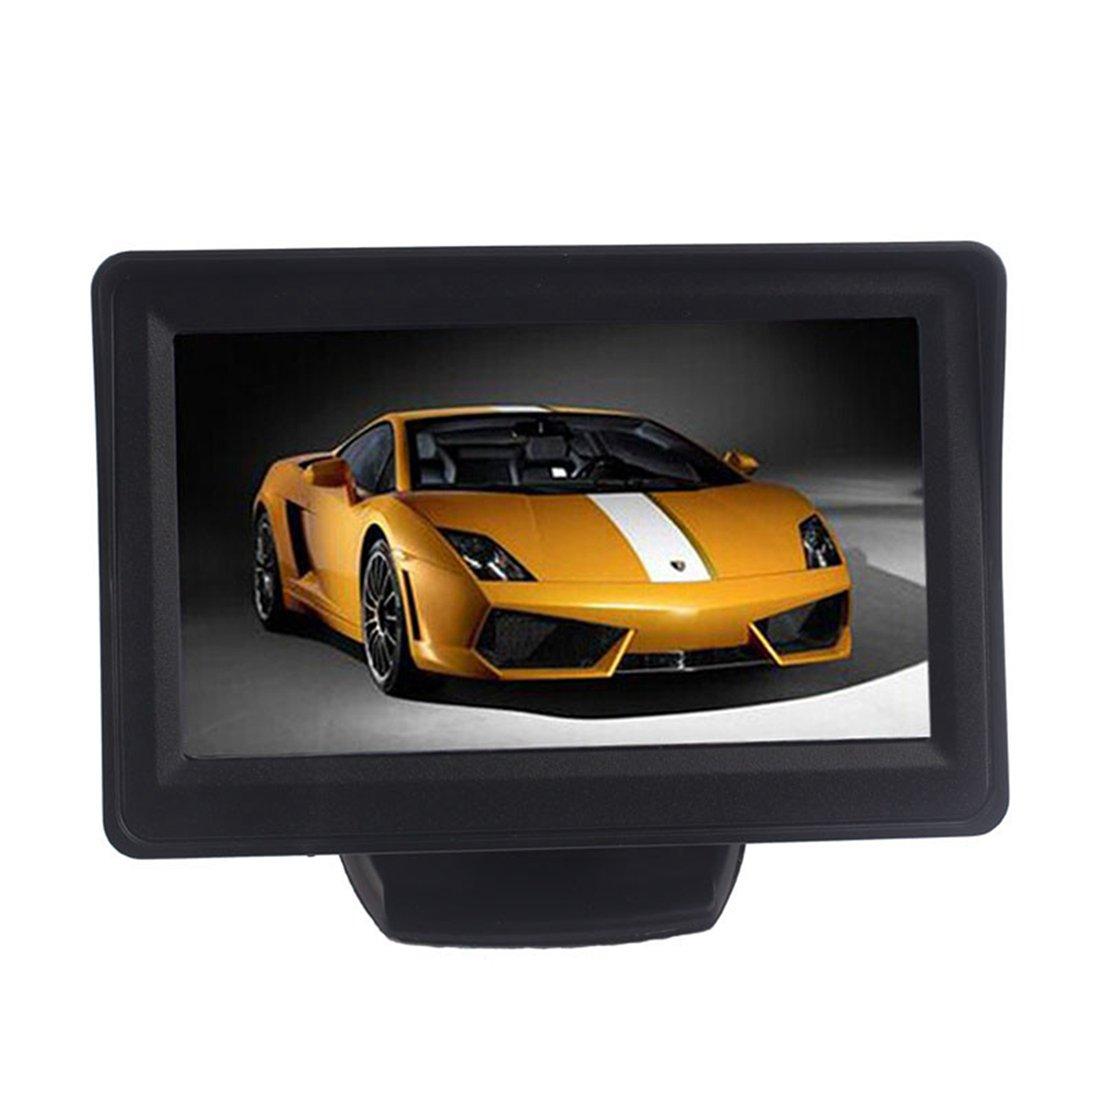 marcha atr/ás Vista posterior de copia de seguridad CMOS c/ámara euzeo 4,3/pulgadas coche TFT LCD Monitor Espejo